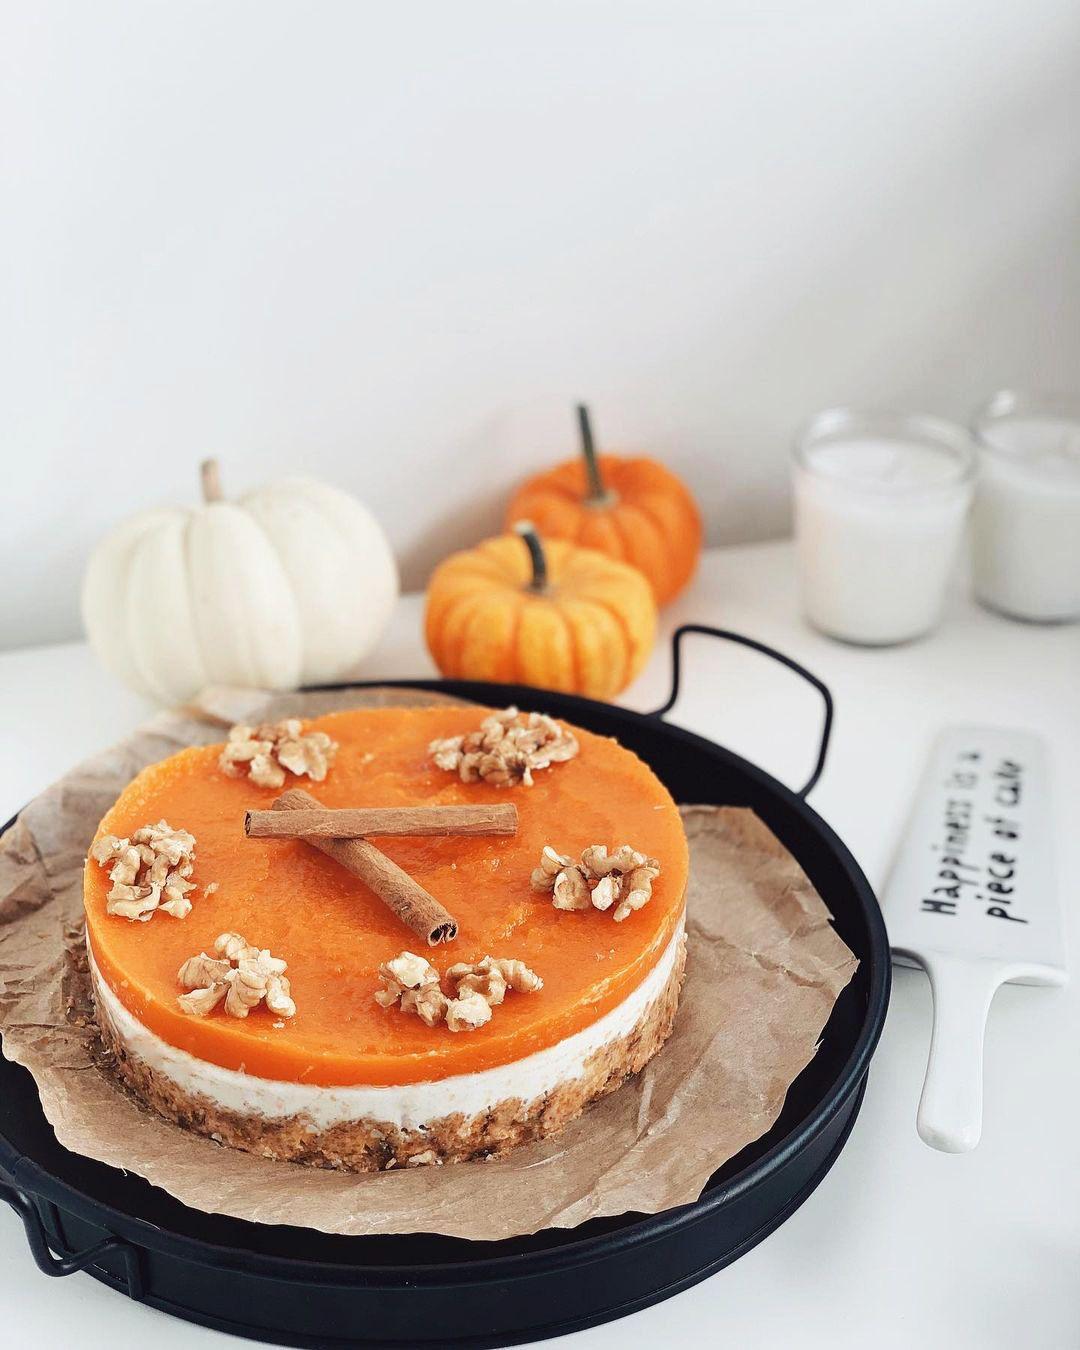 چیز کیک کدو حلوایی یکی از دسر های خوشمزه و جذاب می باشد که می توانید در دورهمی و تولد ها و مرا Pumpkin Cheesecake Recipes Cheesecake Recipes Pumpkin Cheesecake